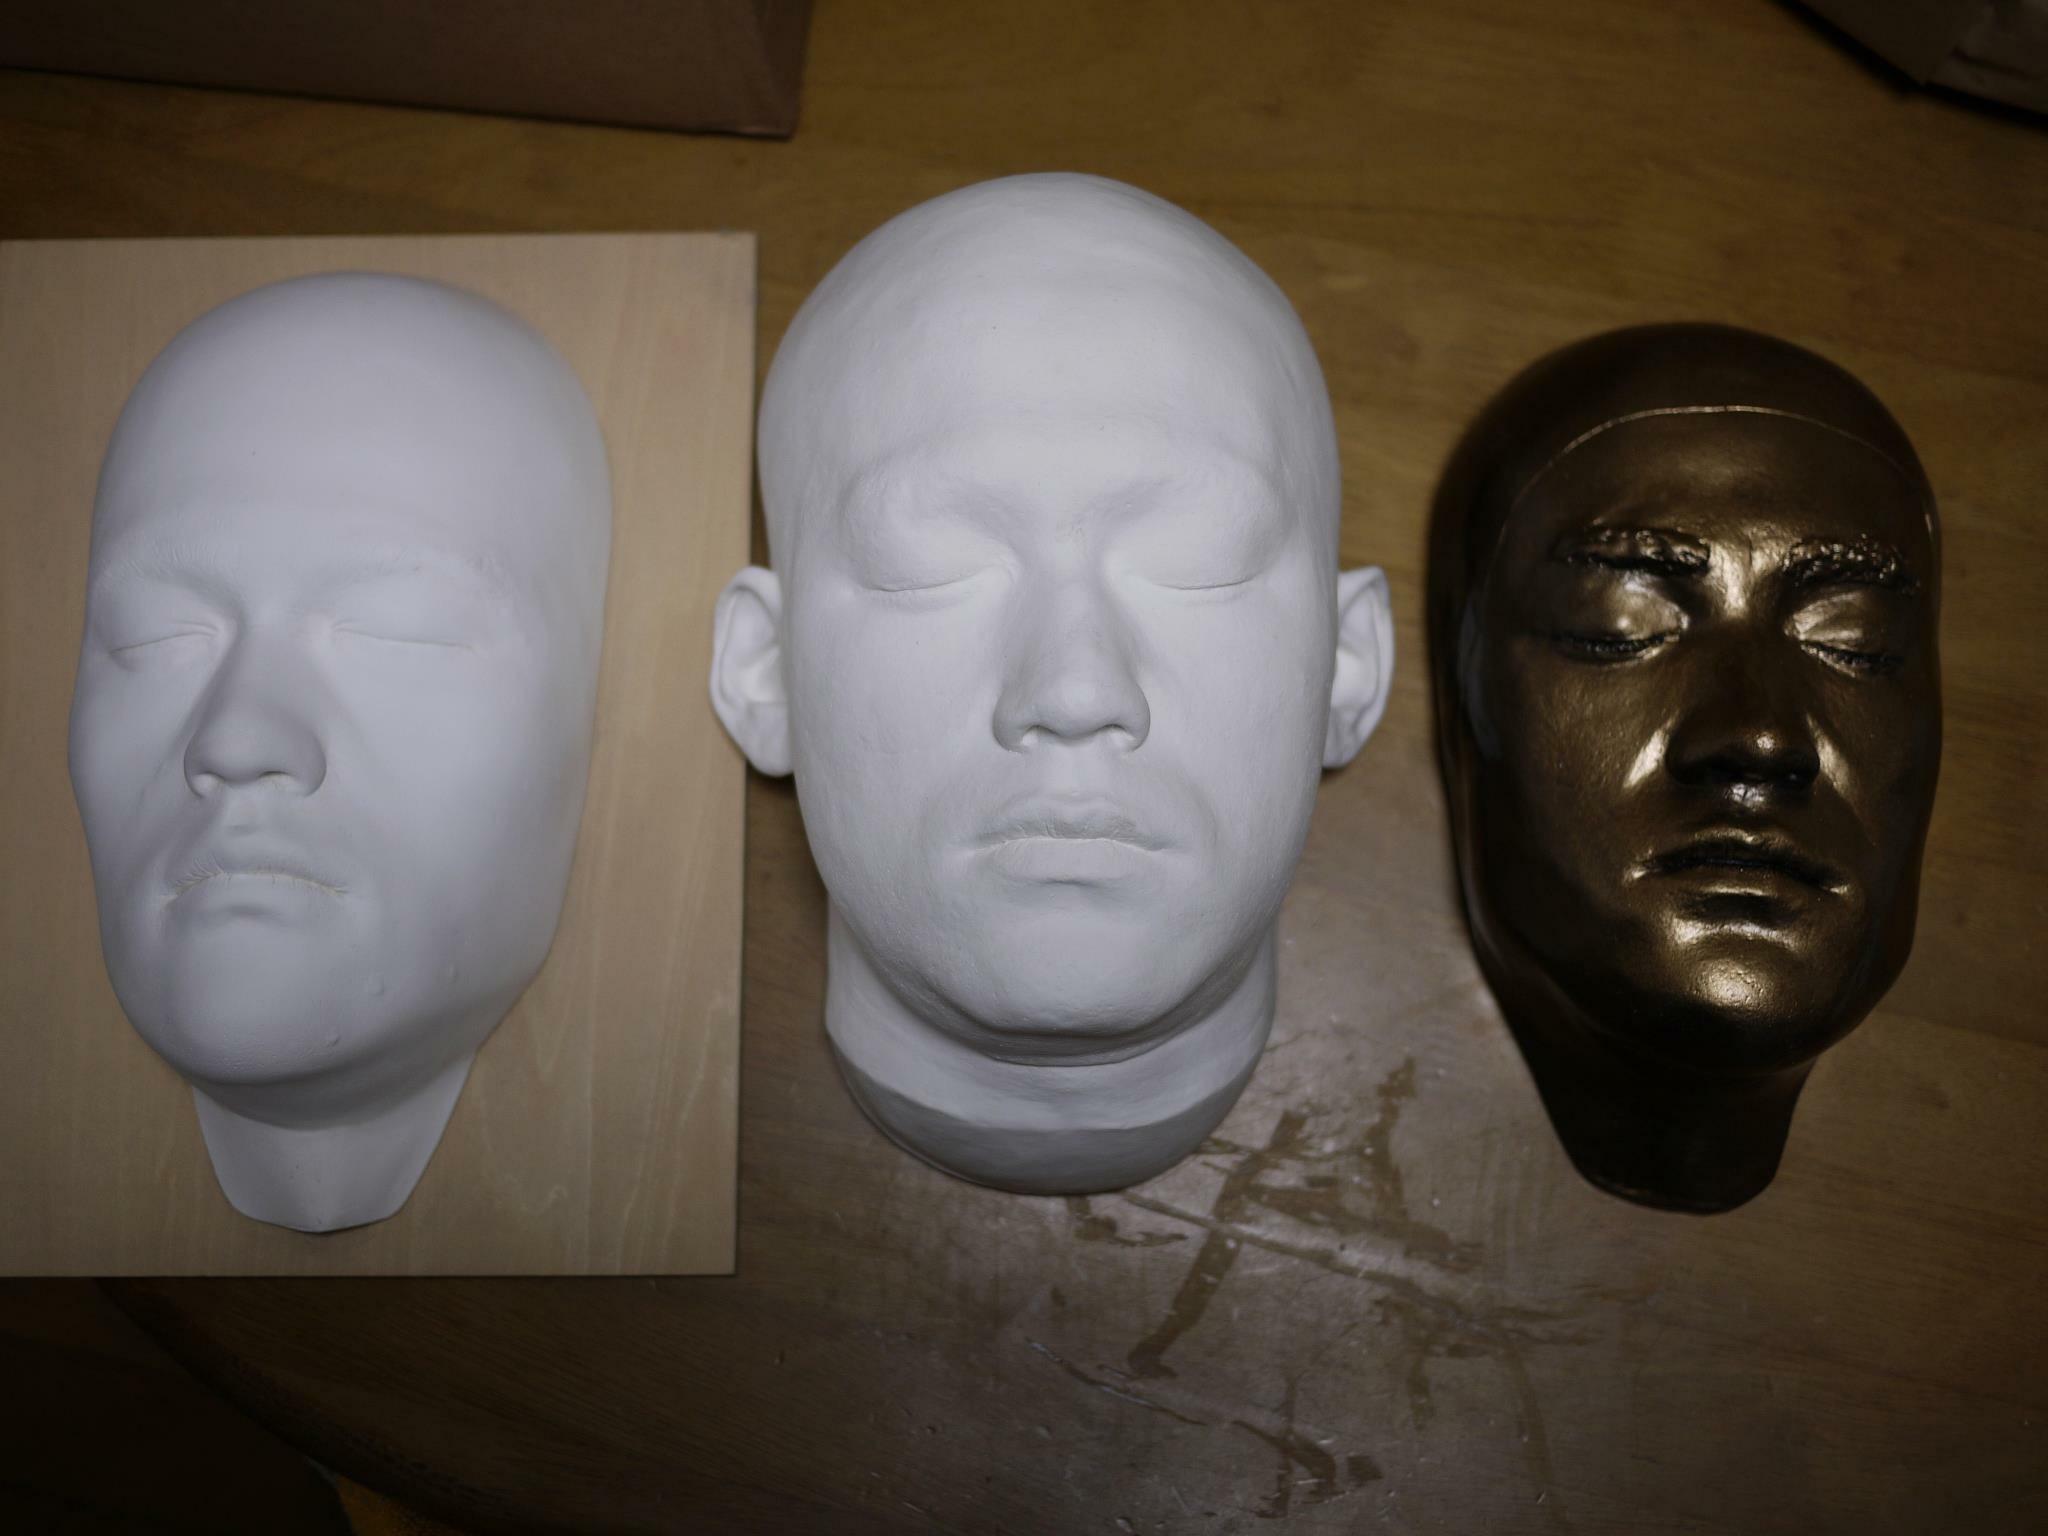 リー先生のライフマスク3種